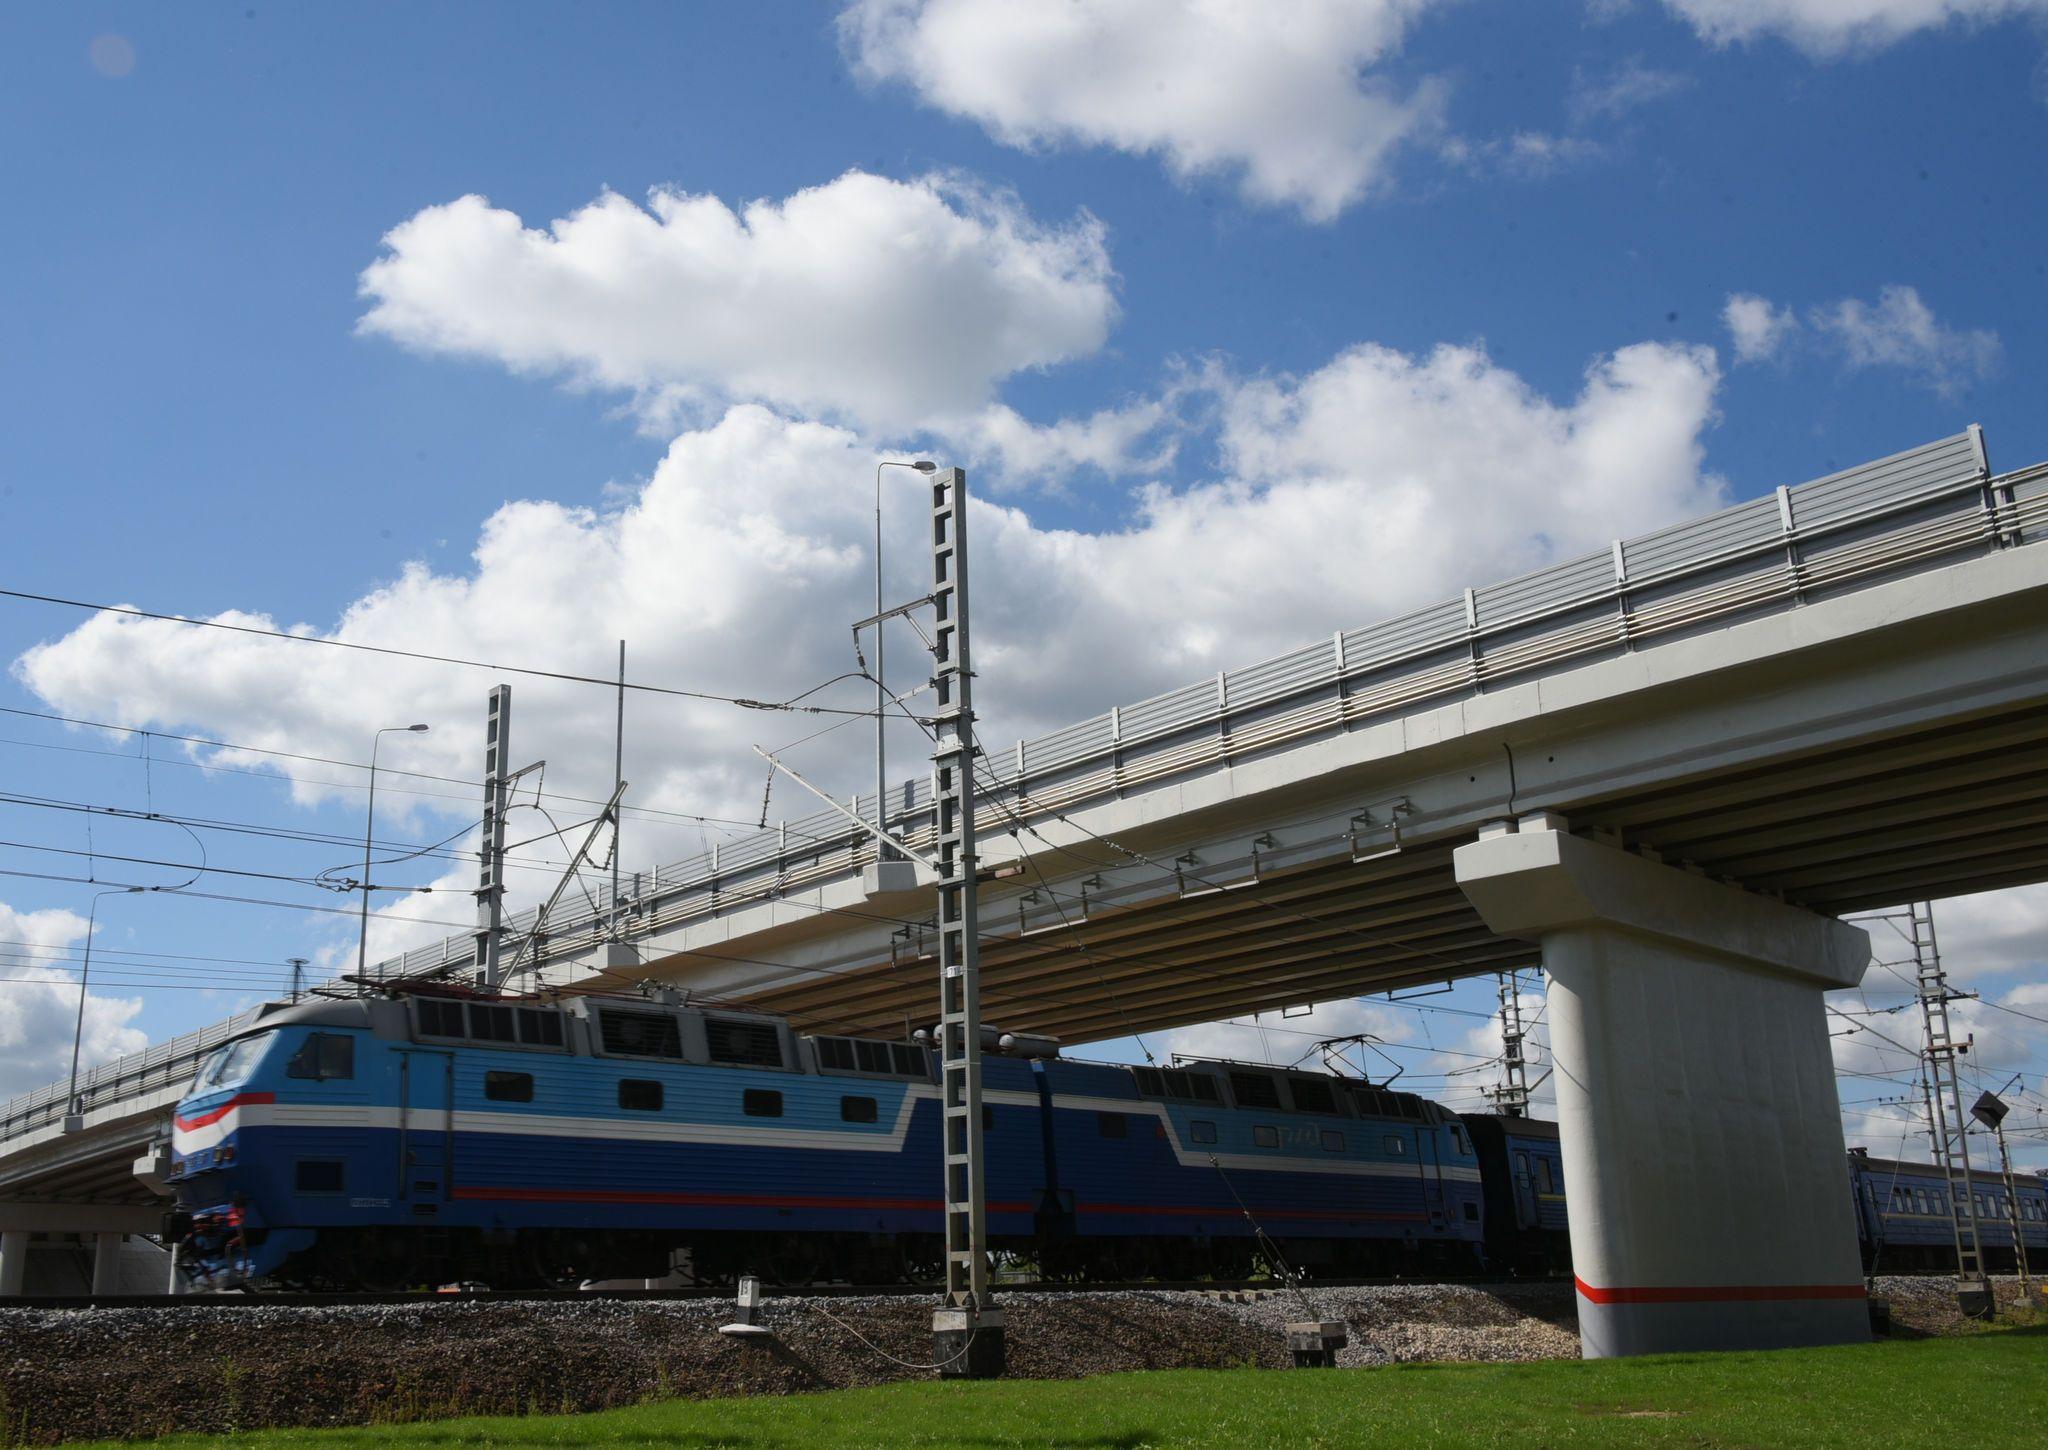 Реконструкция искусственных сооружений пройдет в Москве.Фото: архив, «Вечерняя Москва»